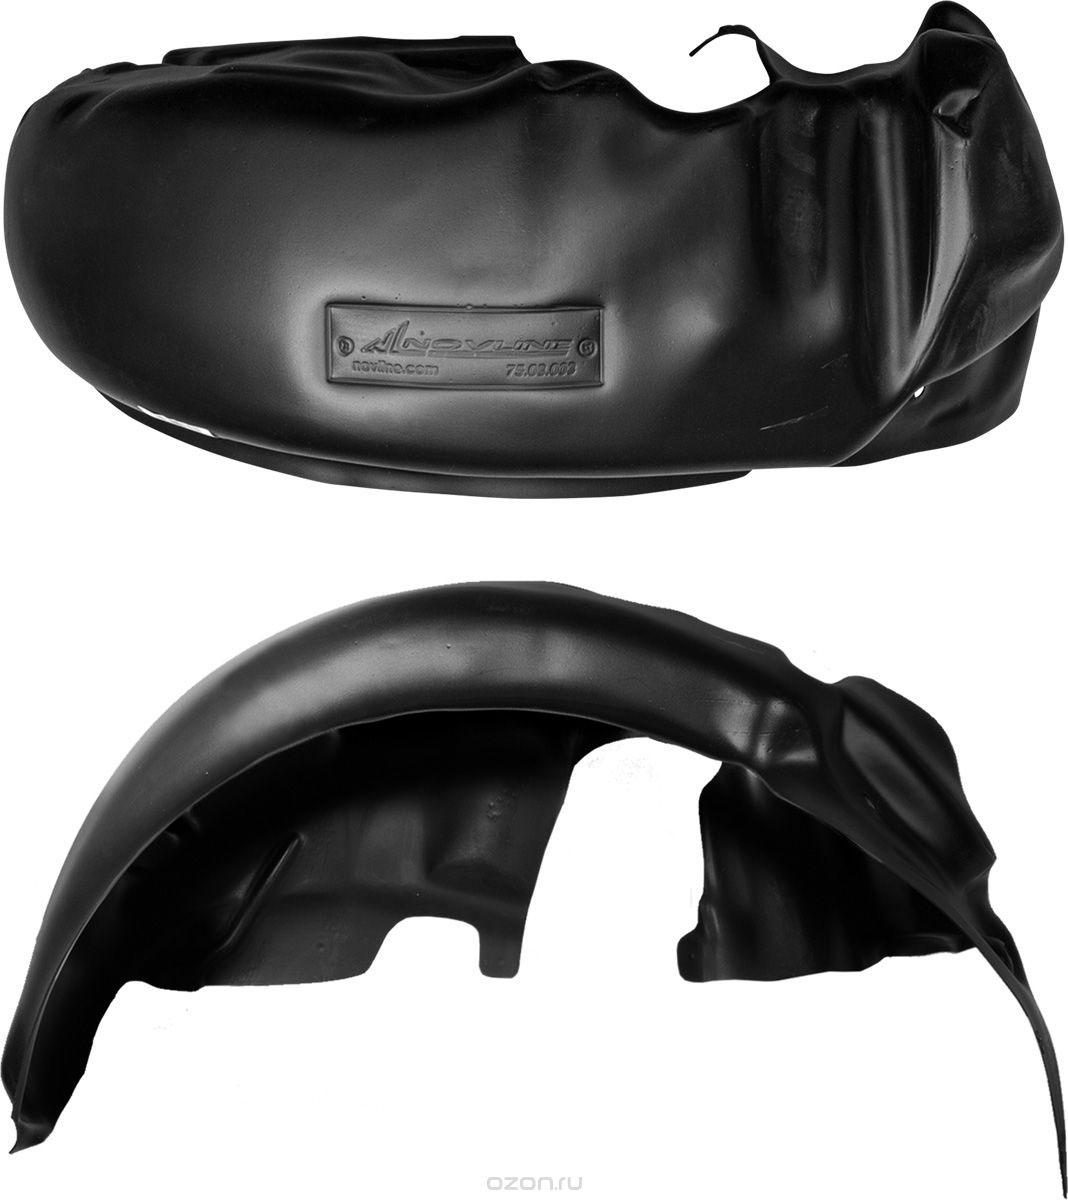 Подкрылок Novline-Autofamily, для NISSAN Pathfinder, 2014->, задний левый42305008Идеальная защита колесной ниши. Локеры разработаны с применением цифровых технологий, гарантируют максимальную повторяемость поверхности арки. Изделия устанавливаются без нарушения лакокрасочного покрытия автомобиля, каждый подкрылок комплектуется крепежом. Уважаемые клиенты, обращаем ваше внимание, что фотографии на подкрылки универсальные и не отражают реальную форму изделия. При этом само изделие идет точно под размер указанного автомобиля.